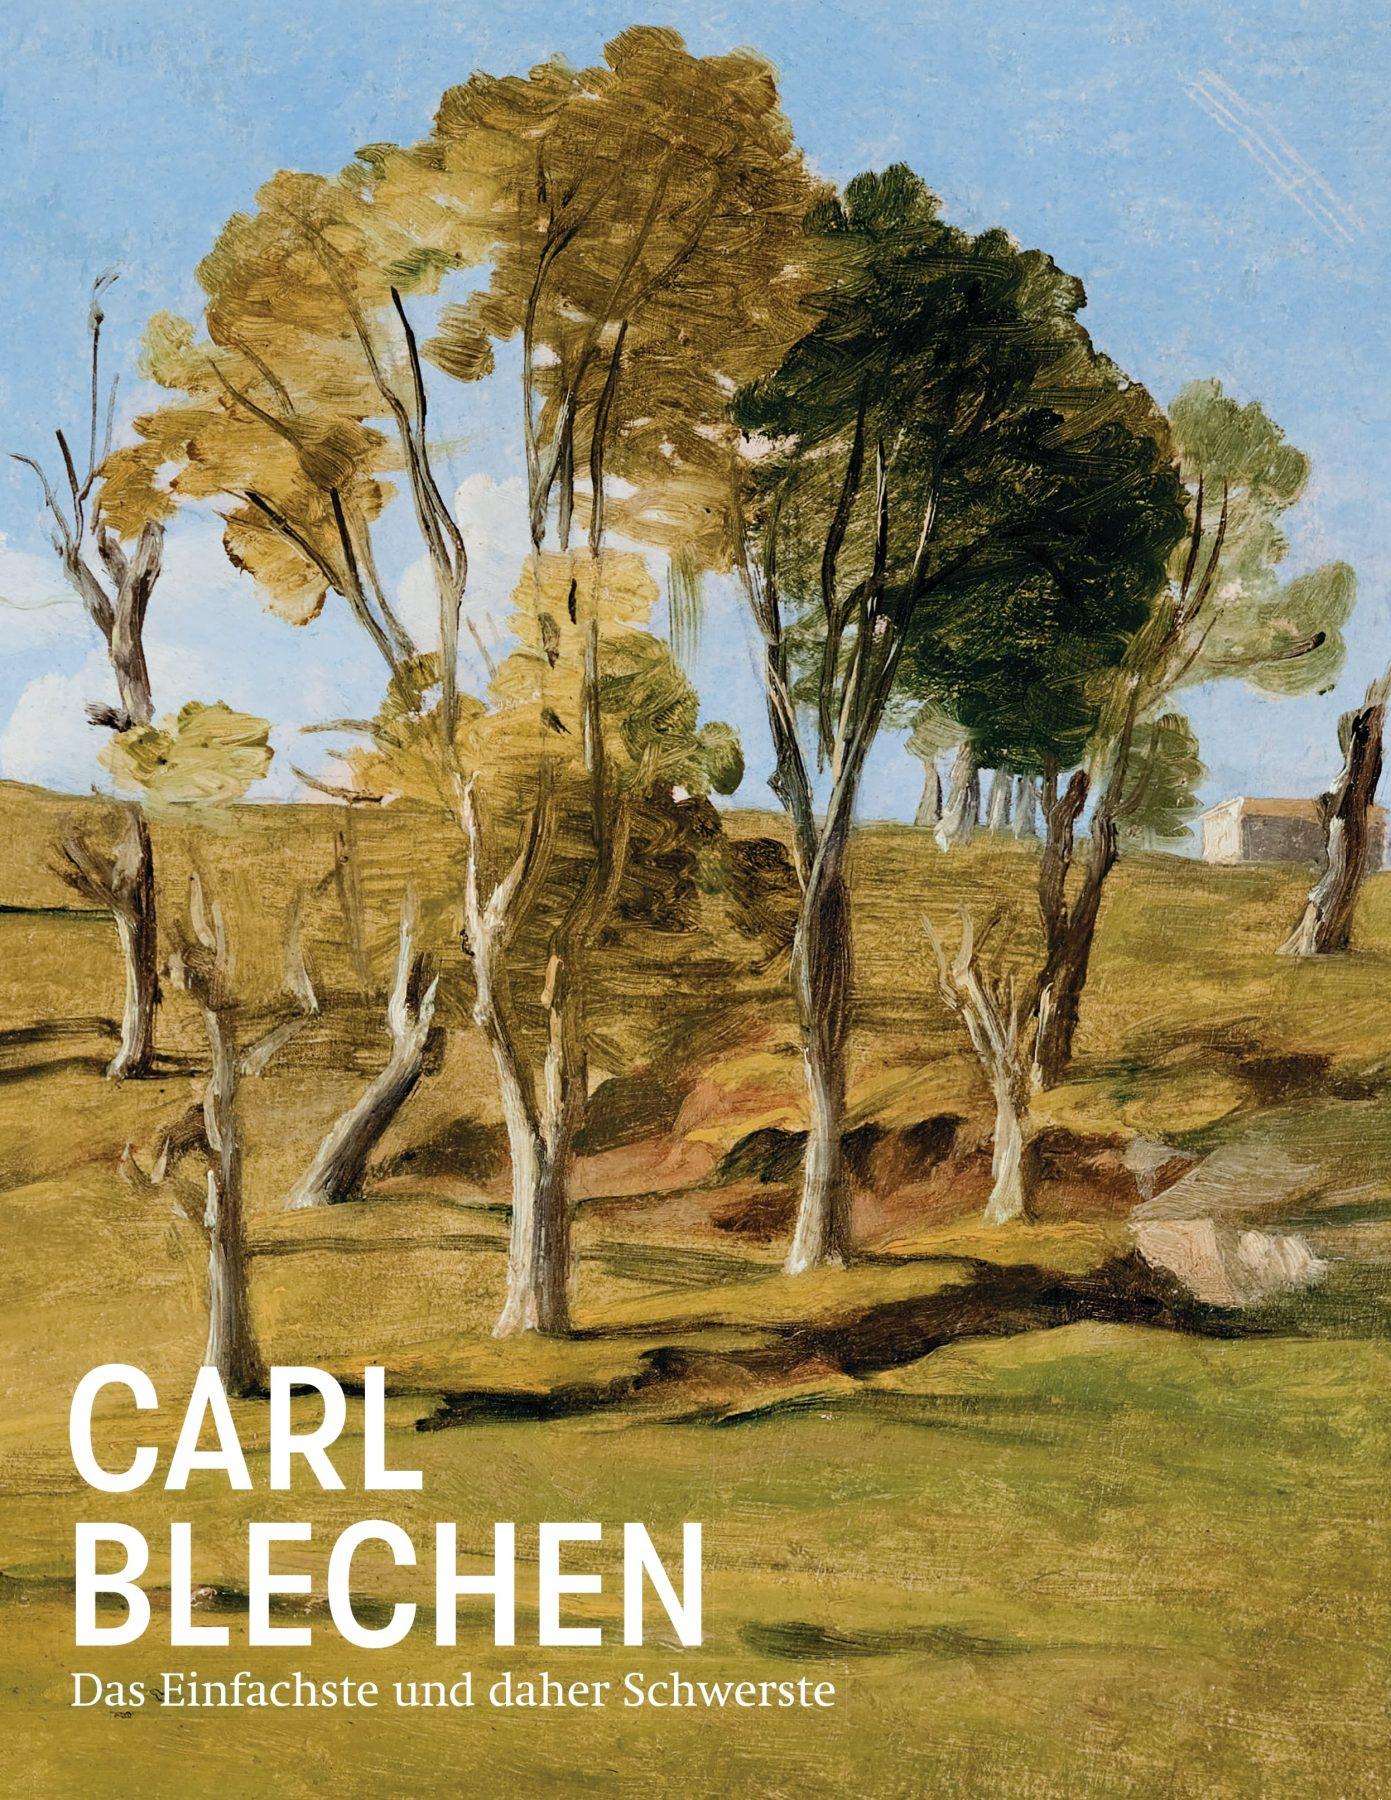 Coverbild des Katalogs zur Ausstellung Carl Blechen mit weißer Schrift auf Gemäldedetails mit Bäumen, grüner Wiese und blauem Himmel